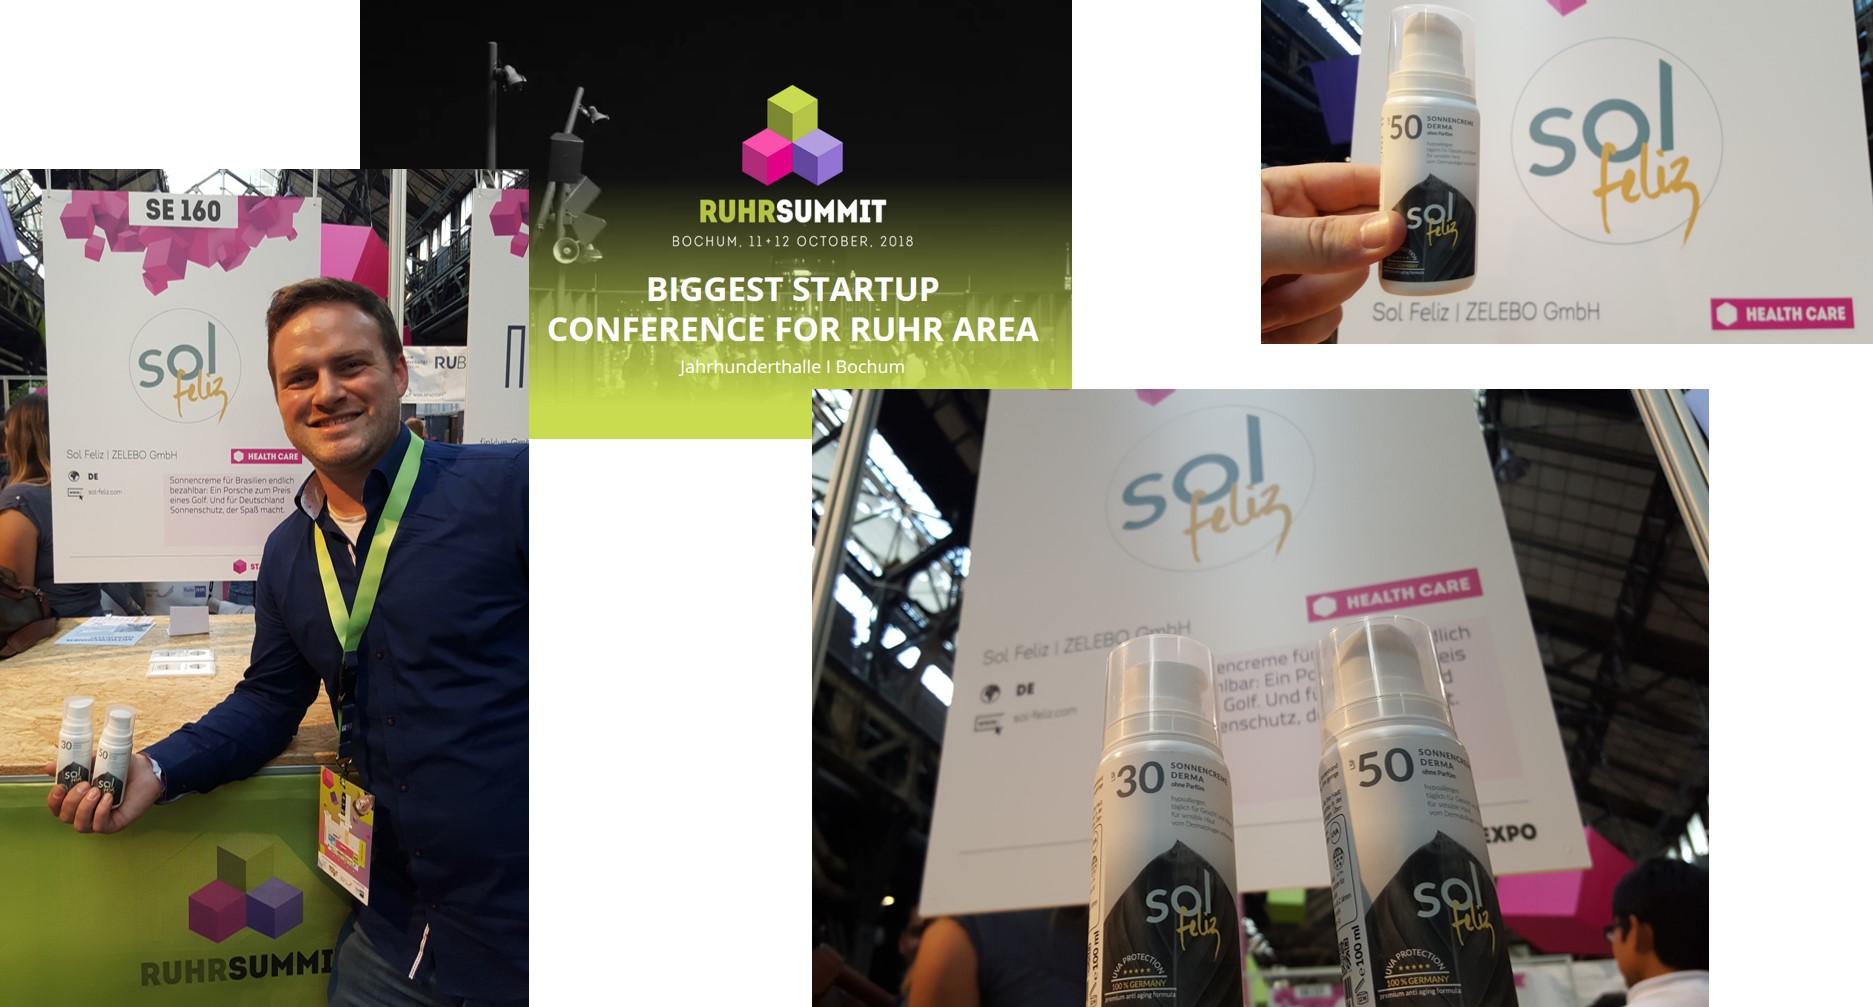 Die Sonnencreme mit den dermakosmetischen Eigenschaften - Sol Feliz - überzeugte den Sommer über bei Amazon - nun ist auch RTL sehr interessiert